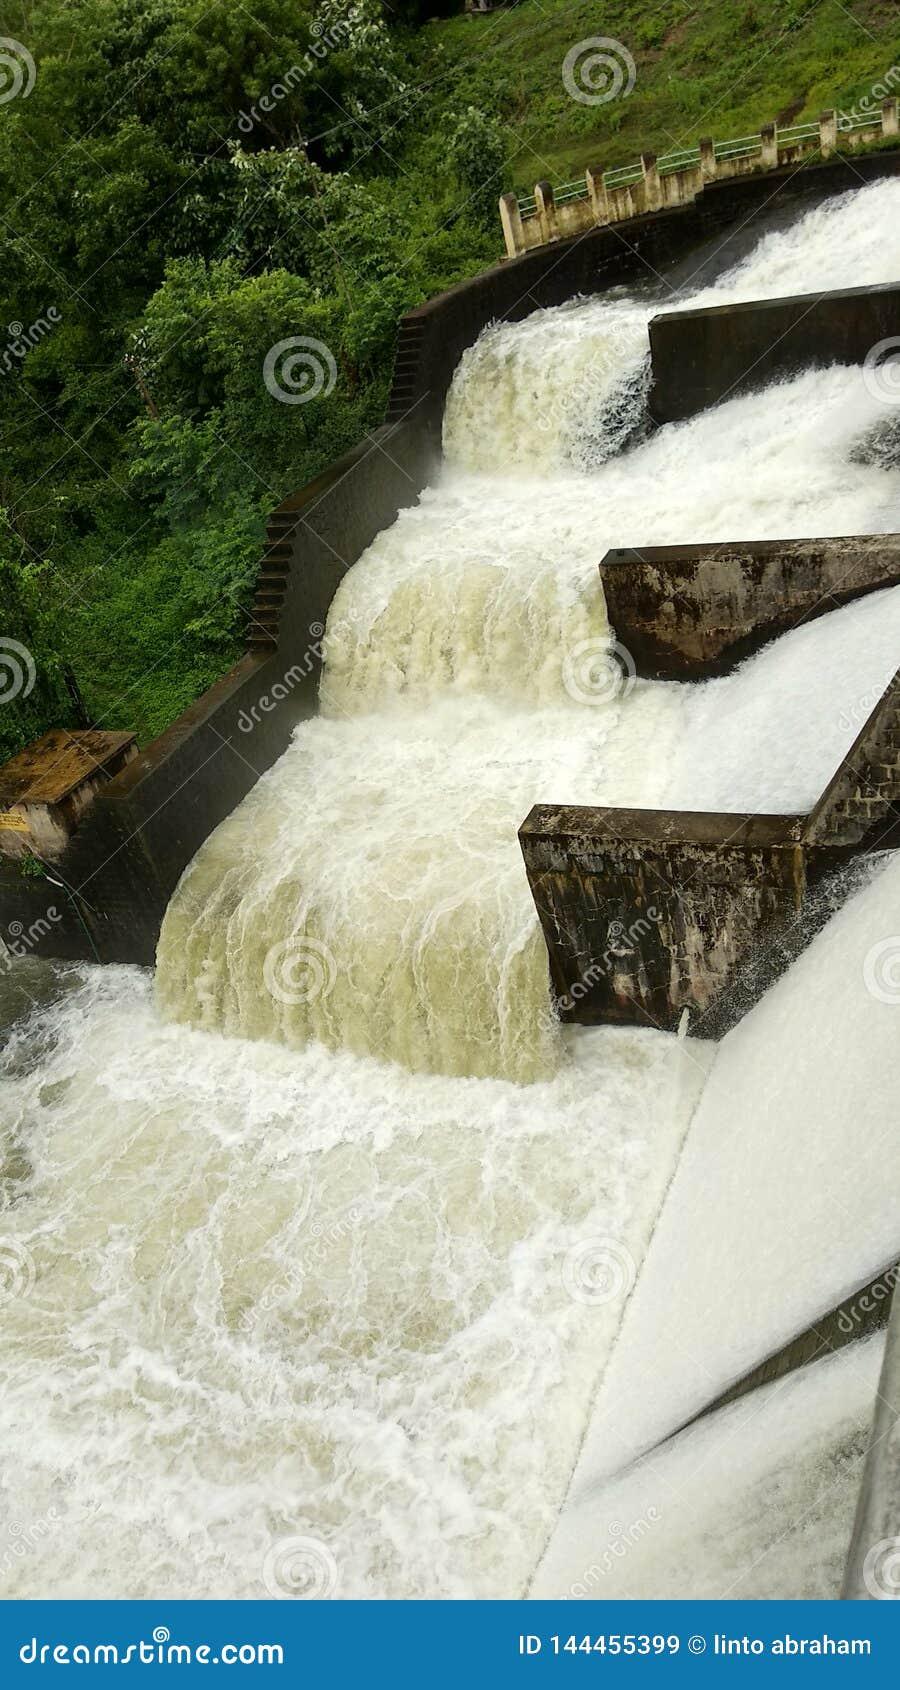 Over stroom van water op een dam